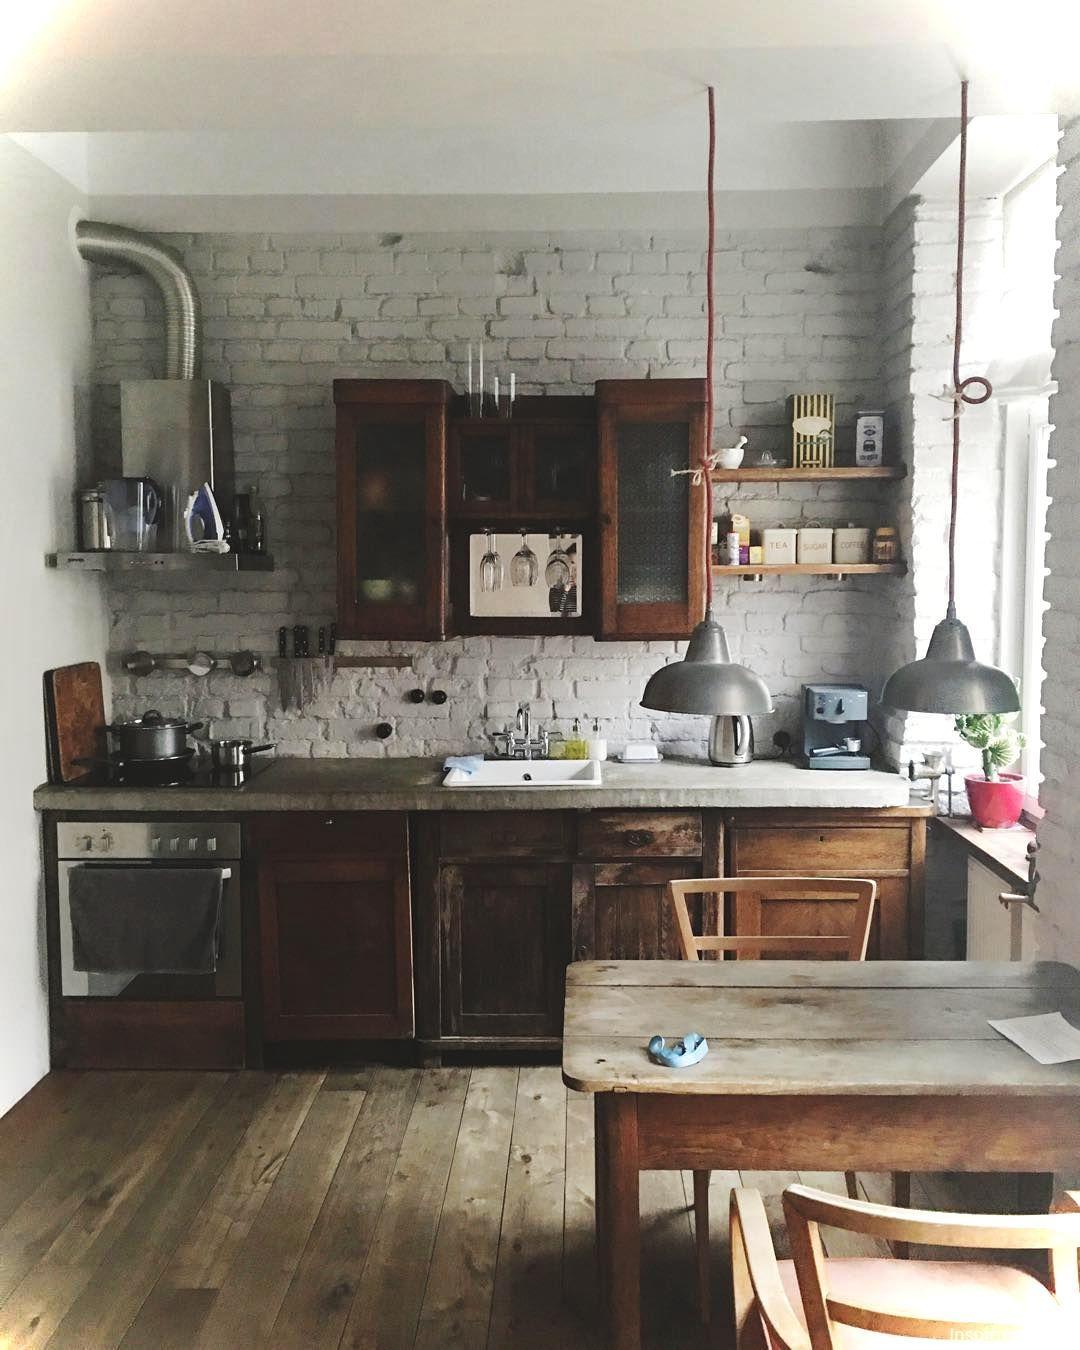 Rustic Kitchen Cabinets: 69 Rustic Kitchen Cabinets Ideas